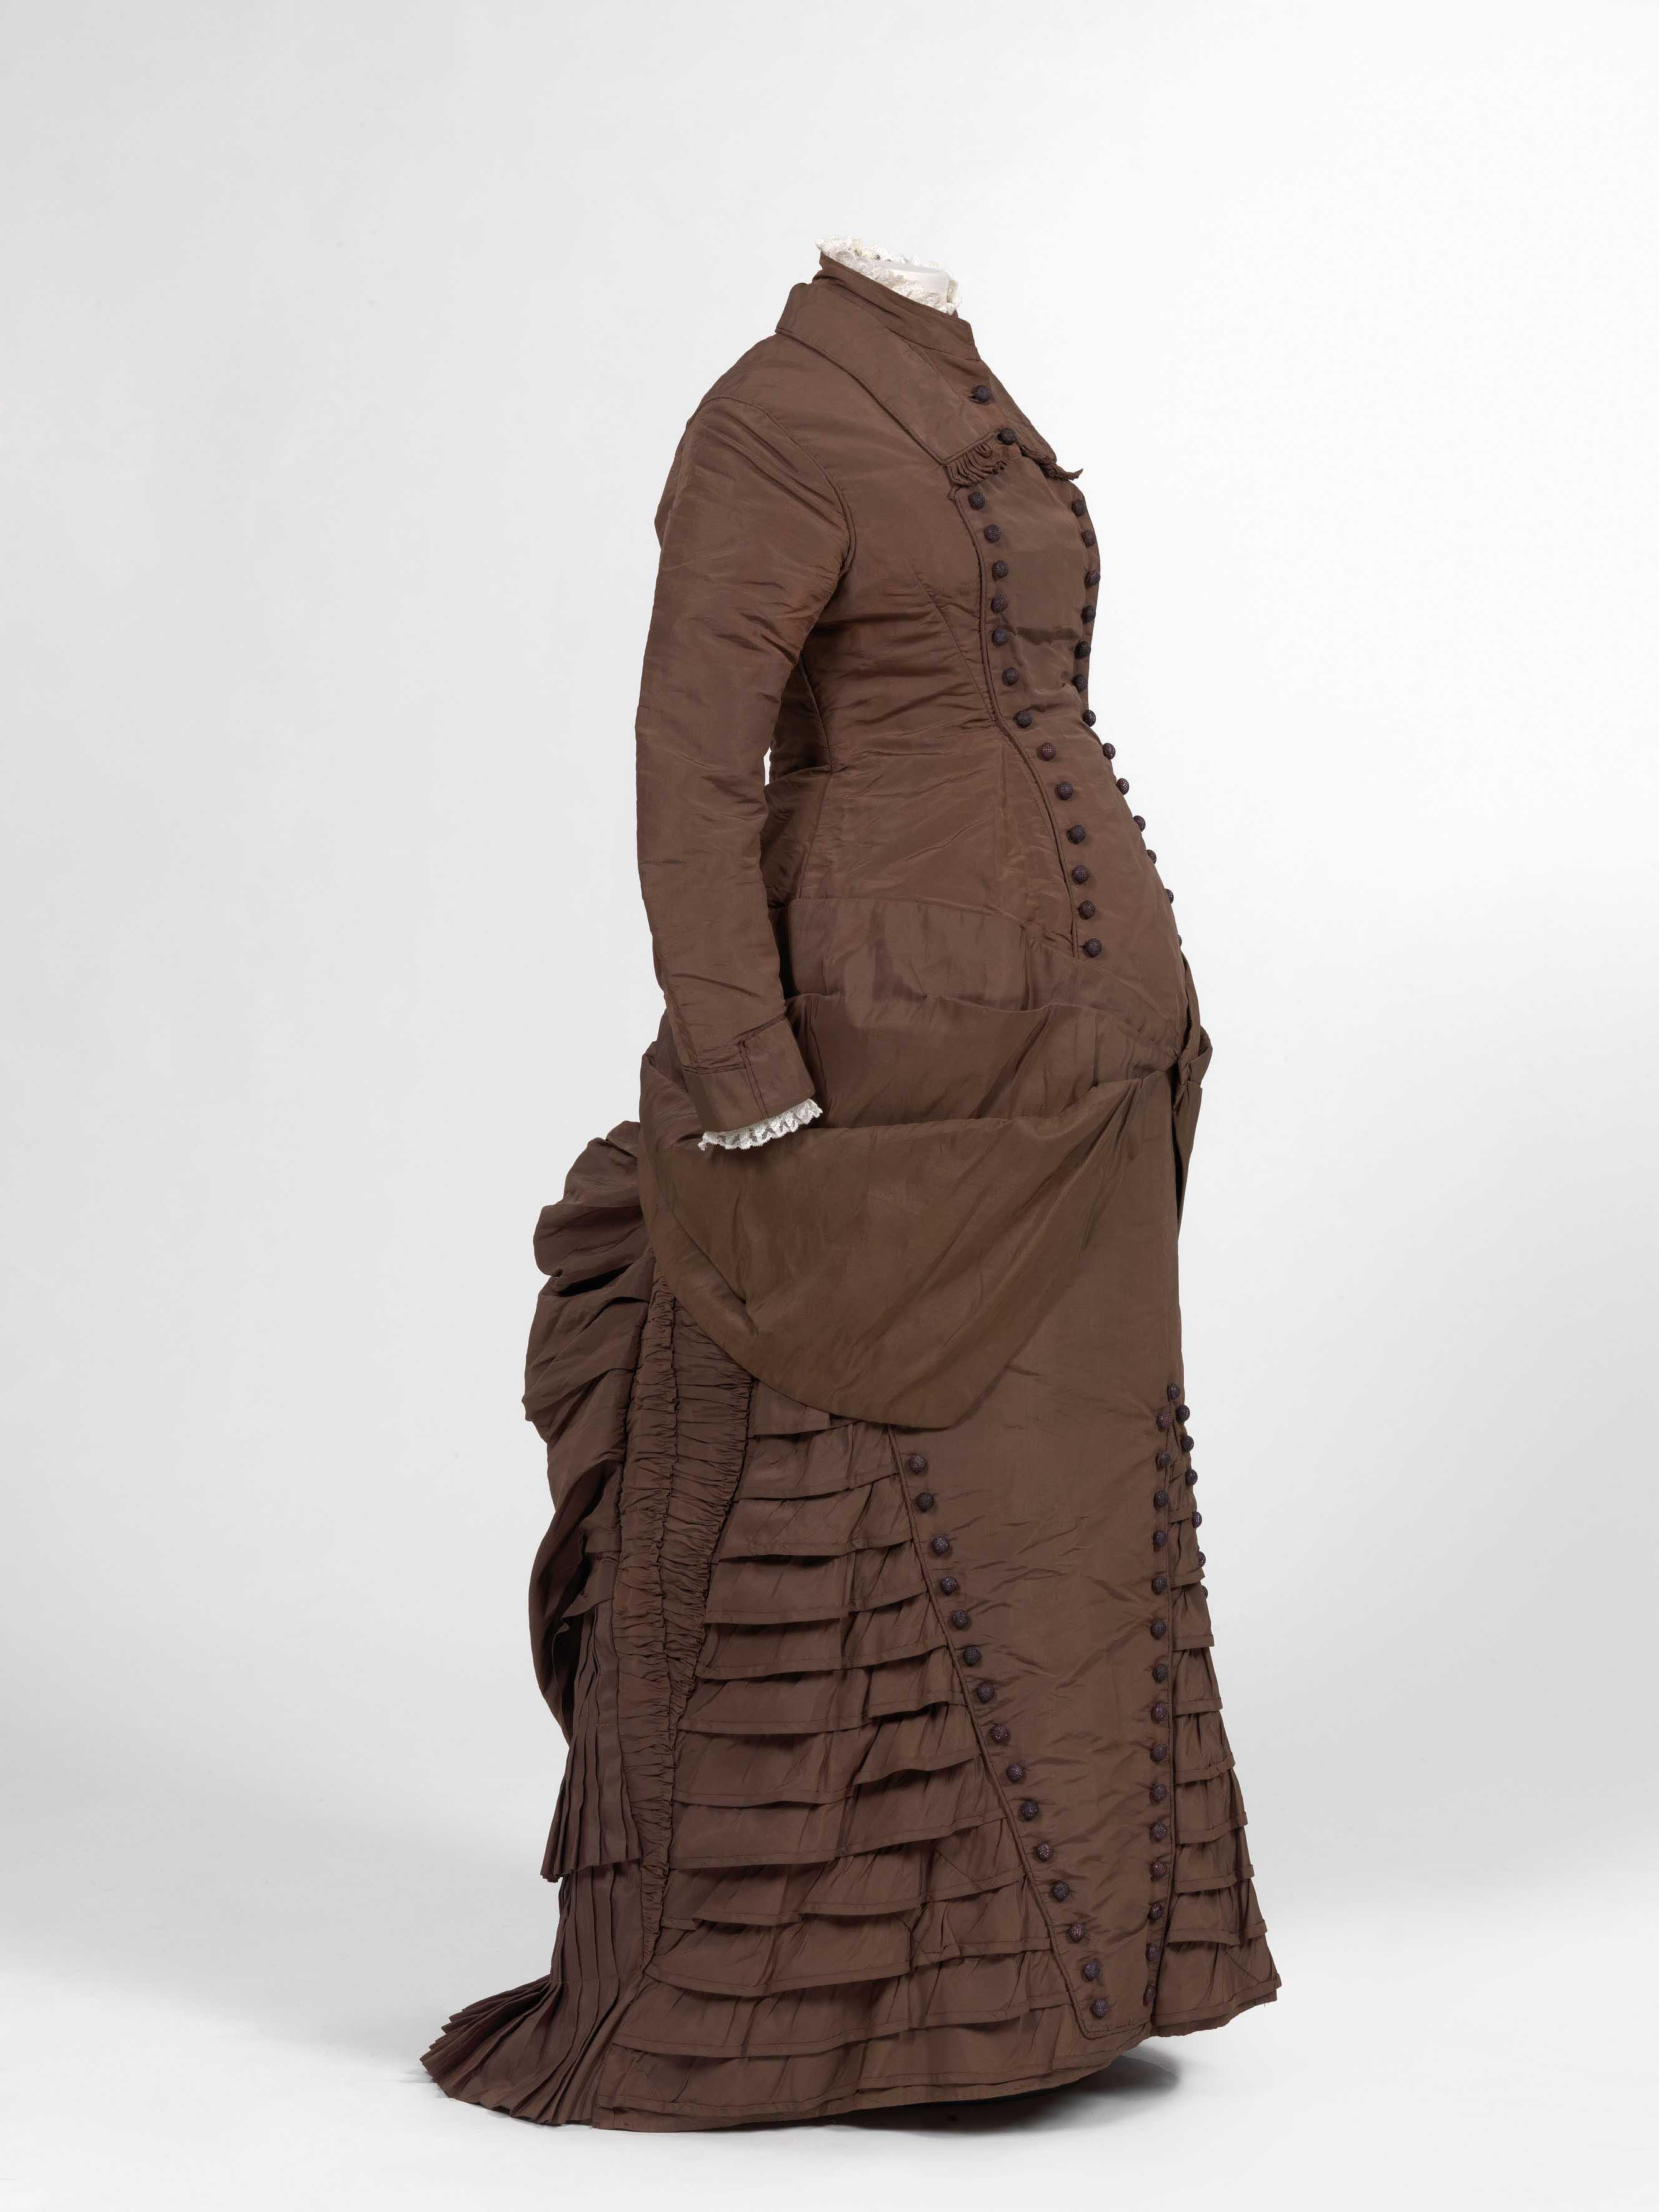 Filematernity dress ca 1880g wikimedia commons filematernity dress ca 1880g ombrellifo Images